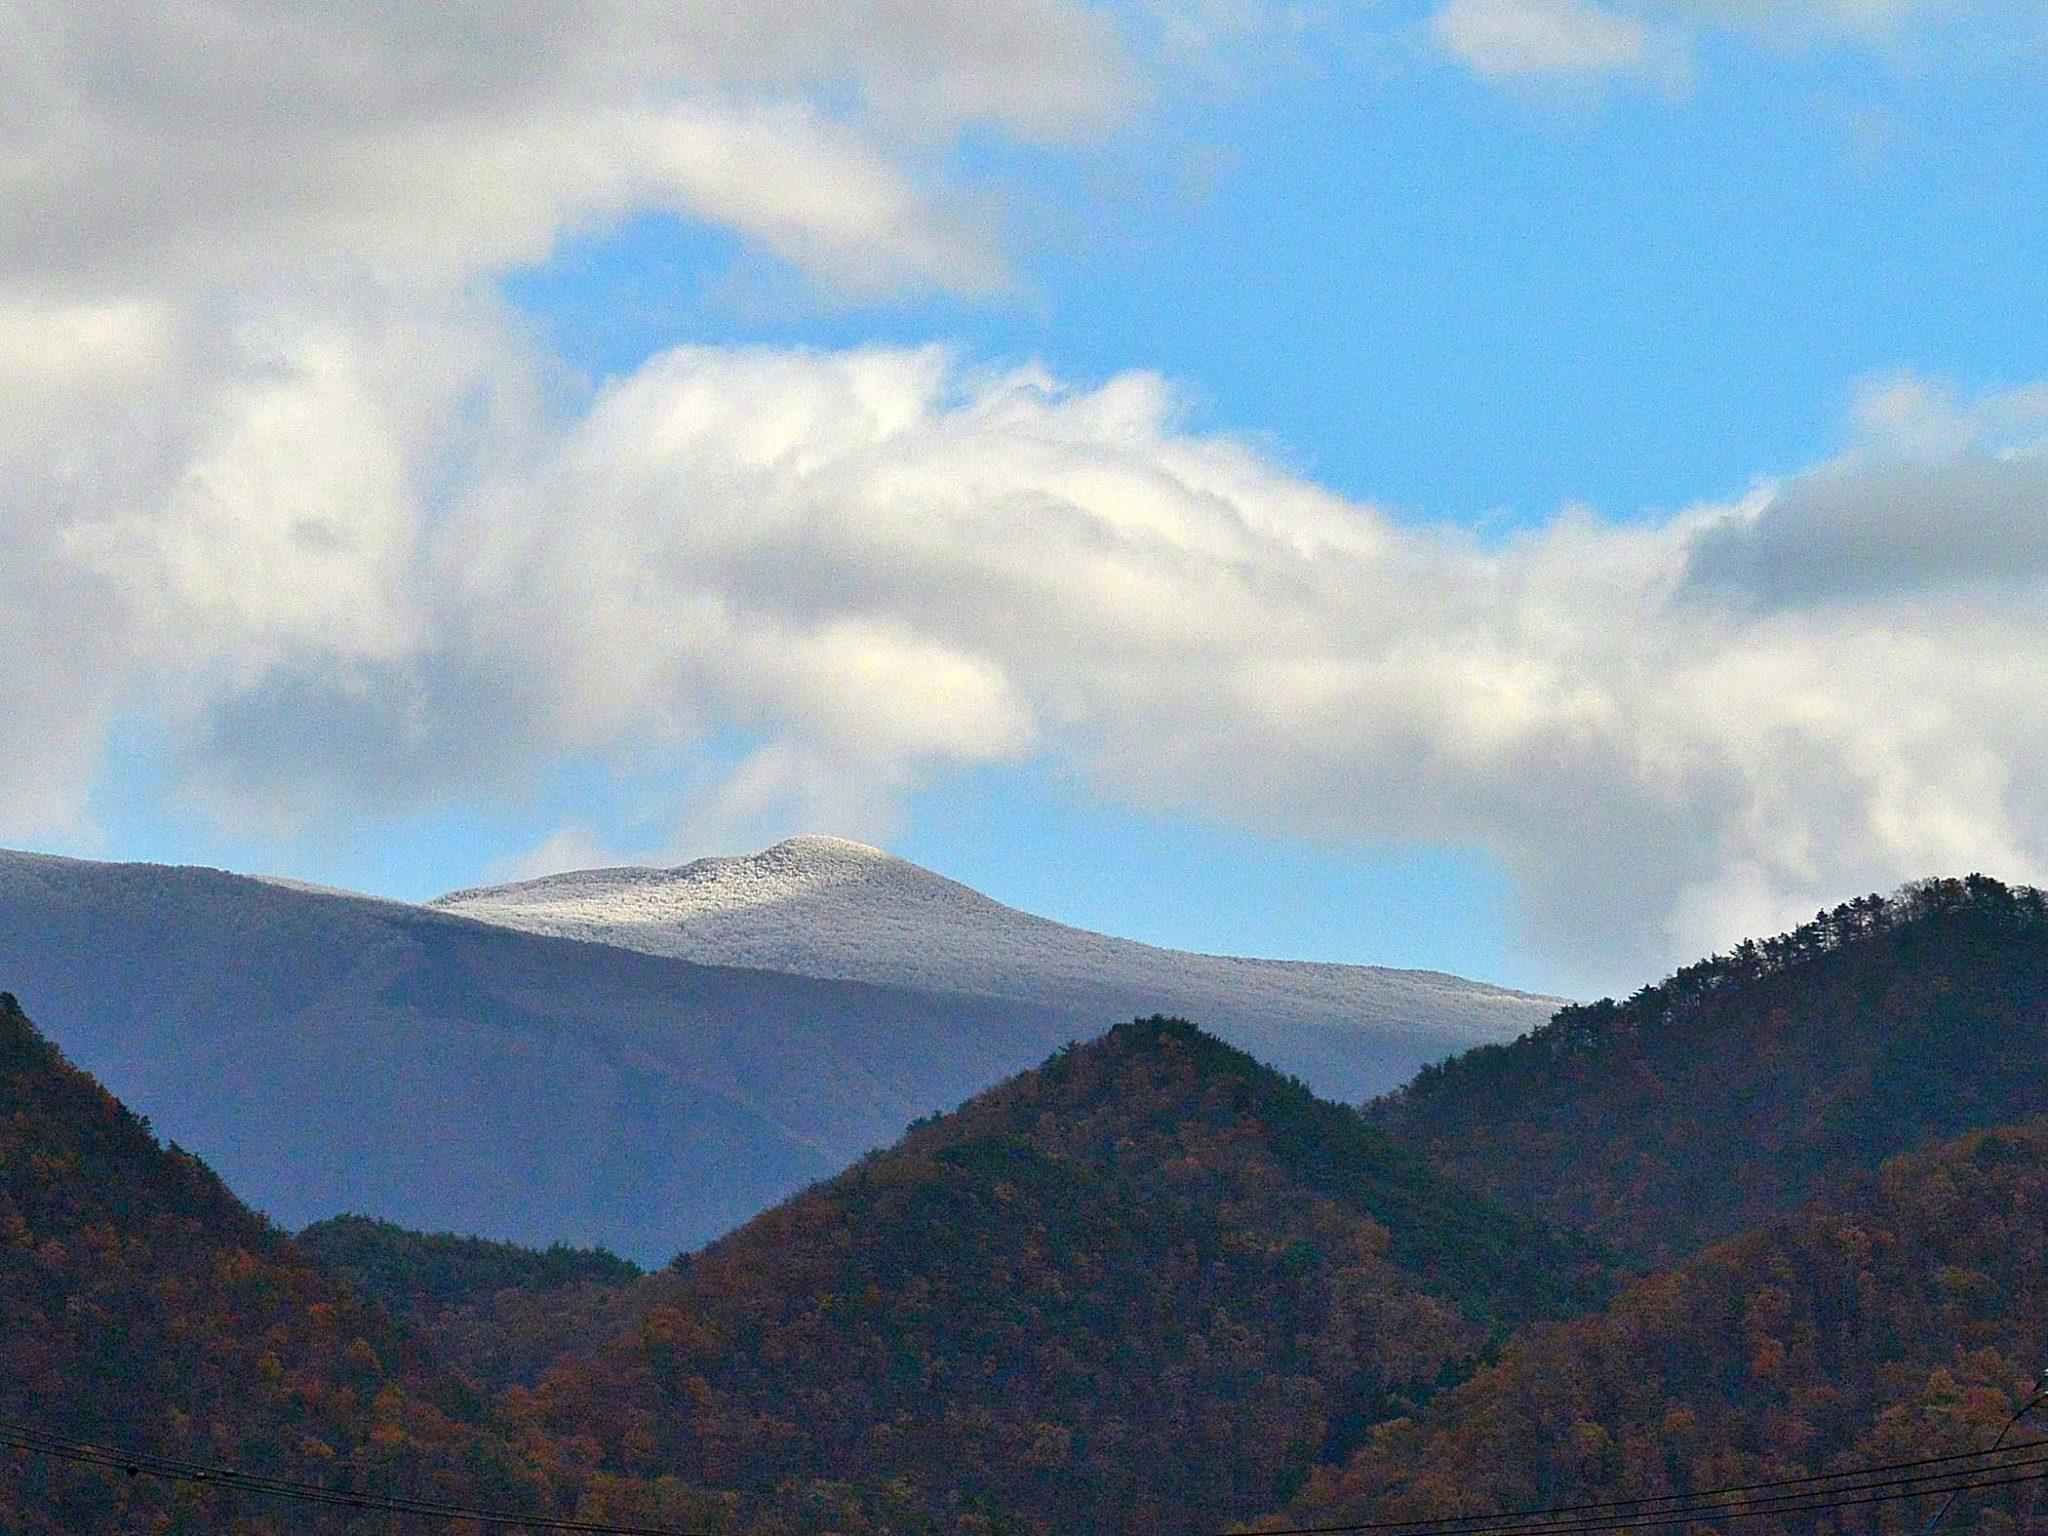 【まとめ】山形市周辺の週末イベント情報 11月30日(土),12月1日(日)